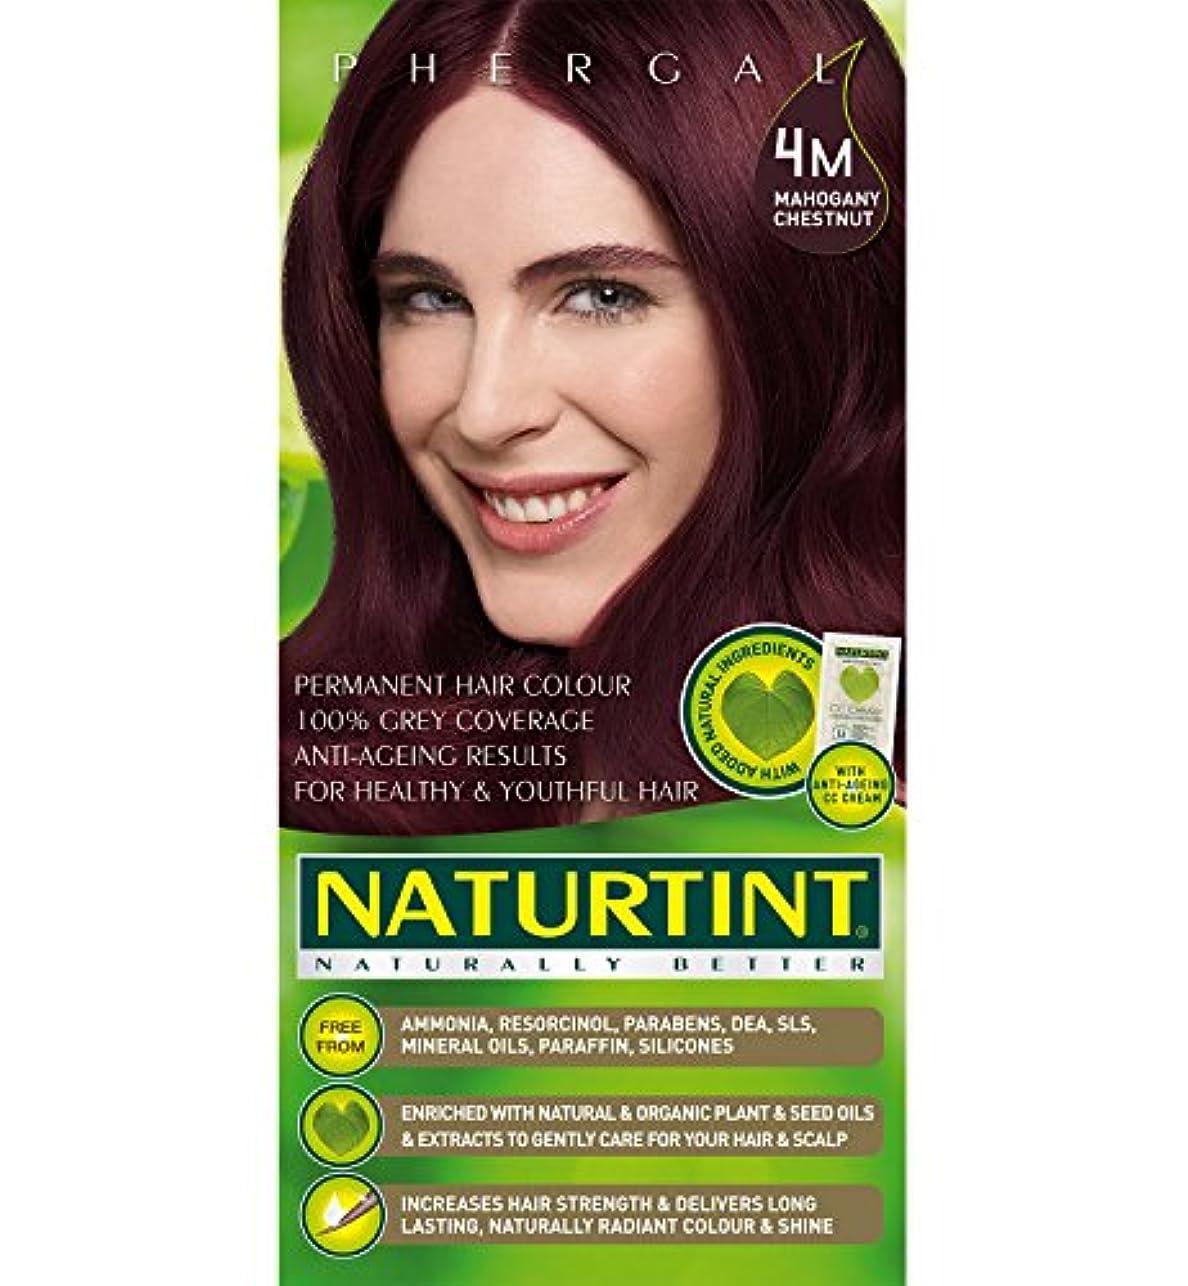 配管工ゼリー剣Naturtint Hair Color 4M Mahogany Chestnut Count (並行輸入品)